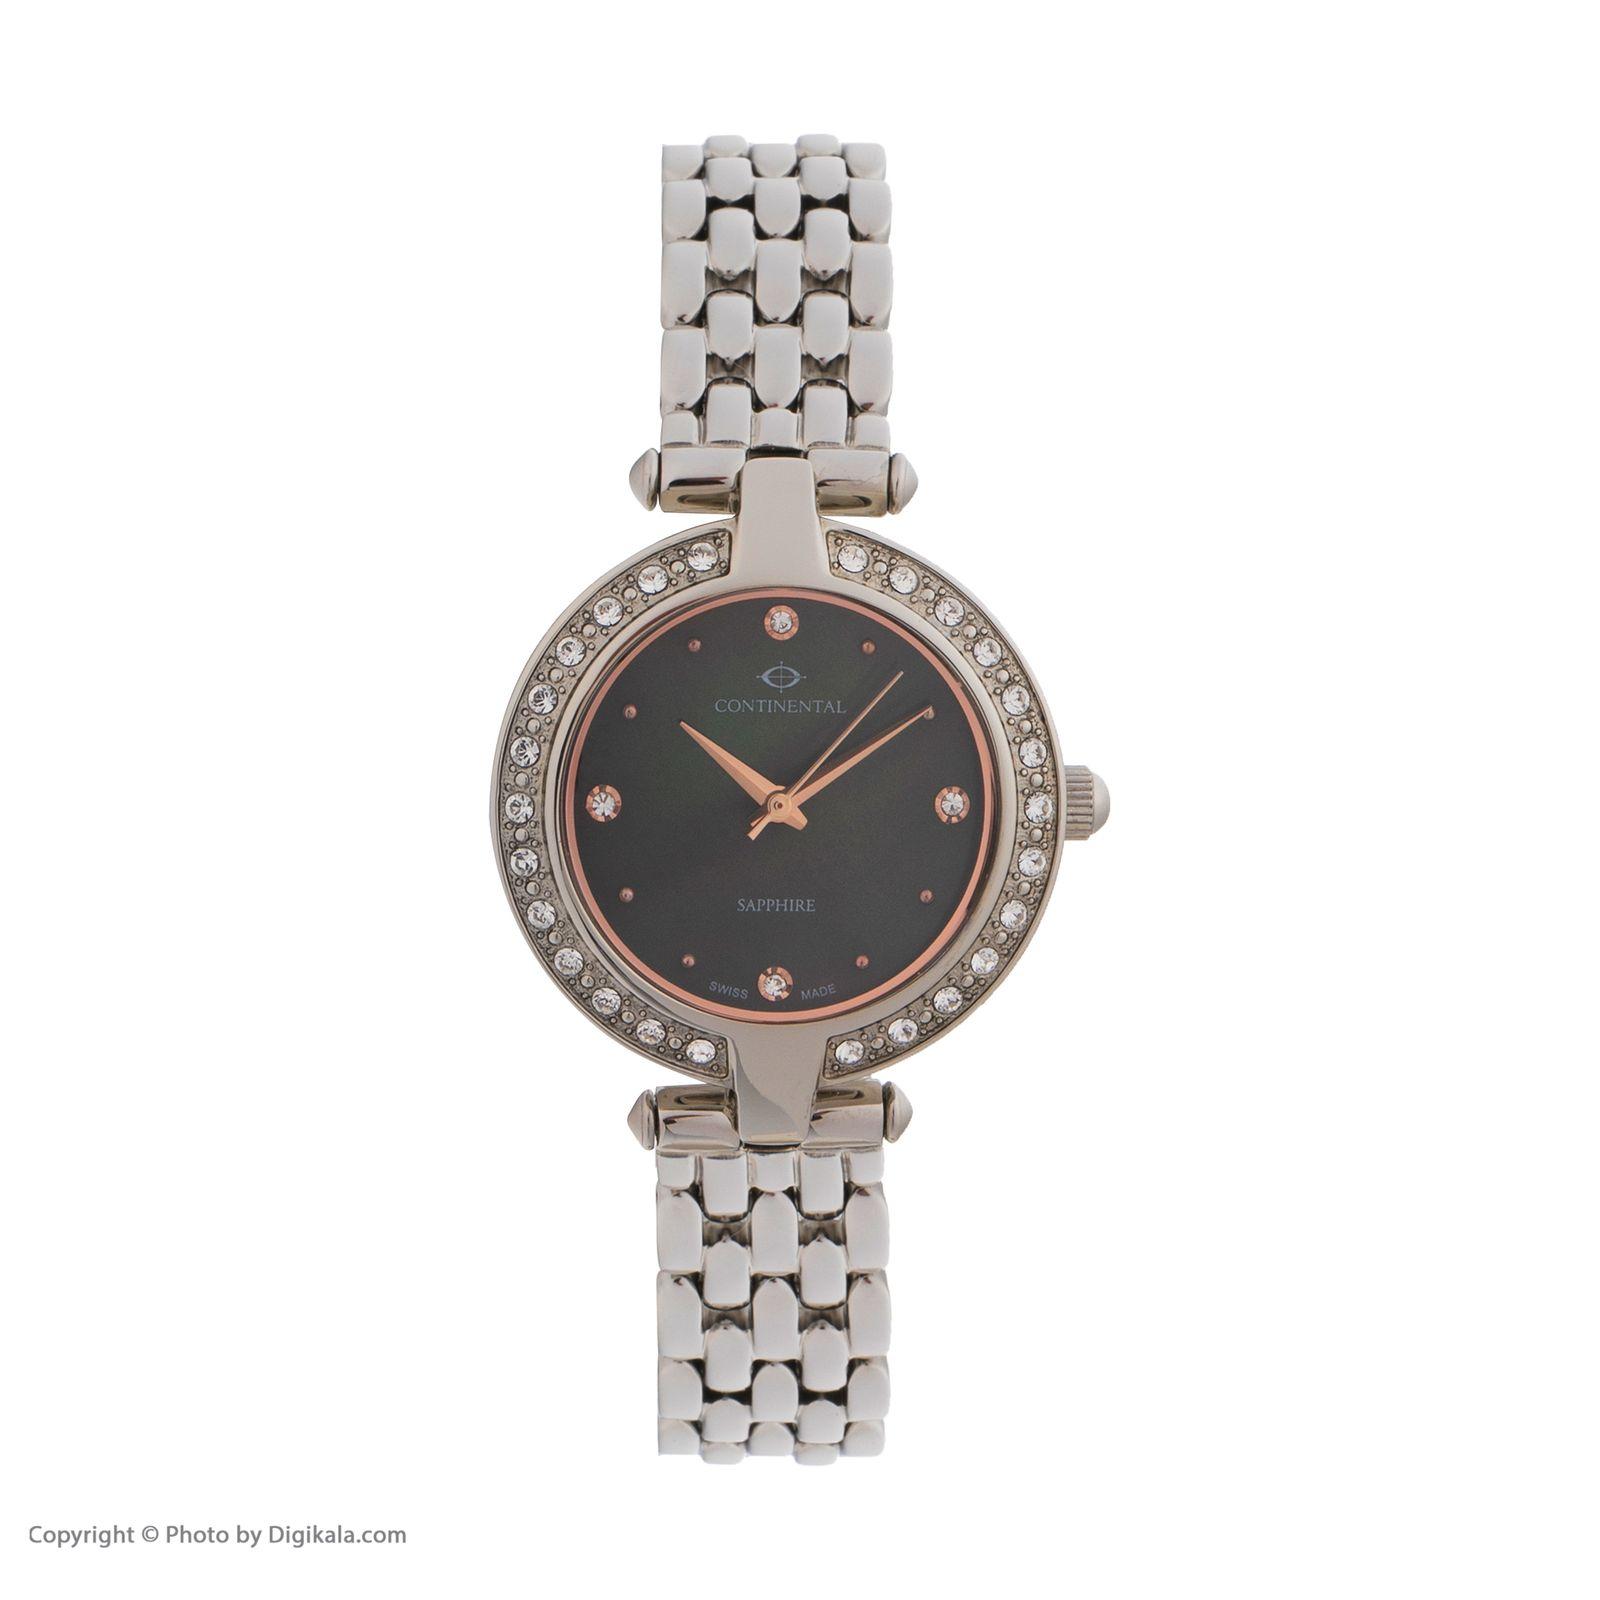 ساعت مچی عقربه ای زنانه کنتیننتال مدل 17001-LT101571 -  - 1